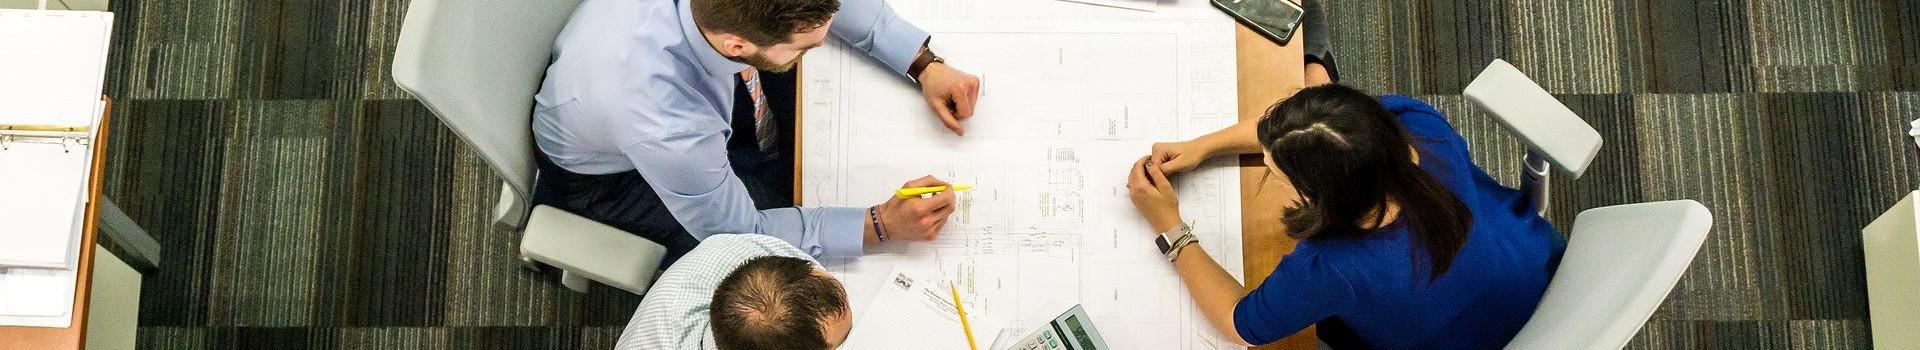 equipo tecnico - Consultoría de I+D+i y Ayudas Nacionales e Internacionales